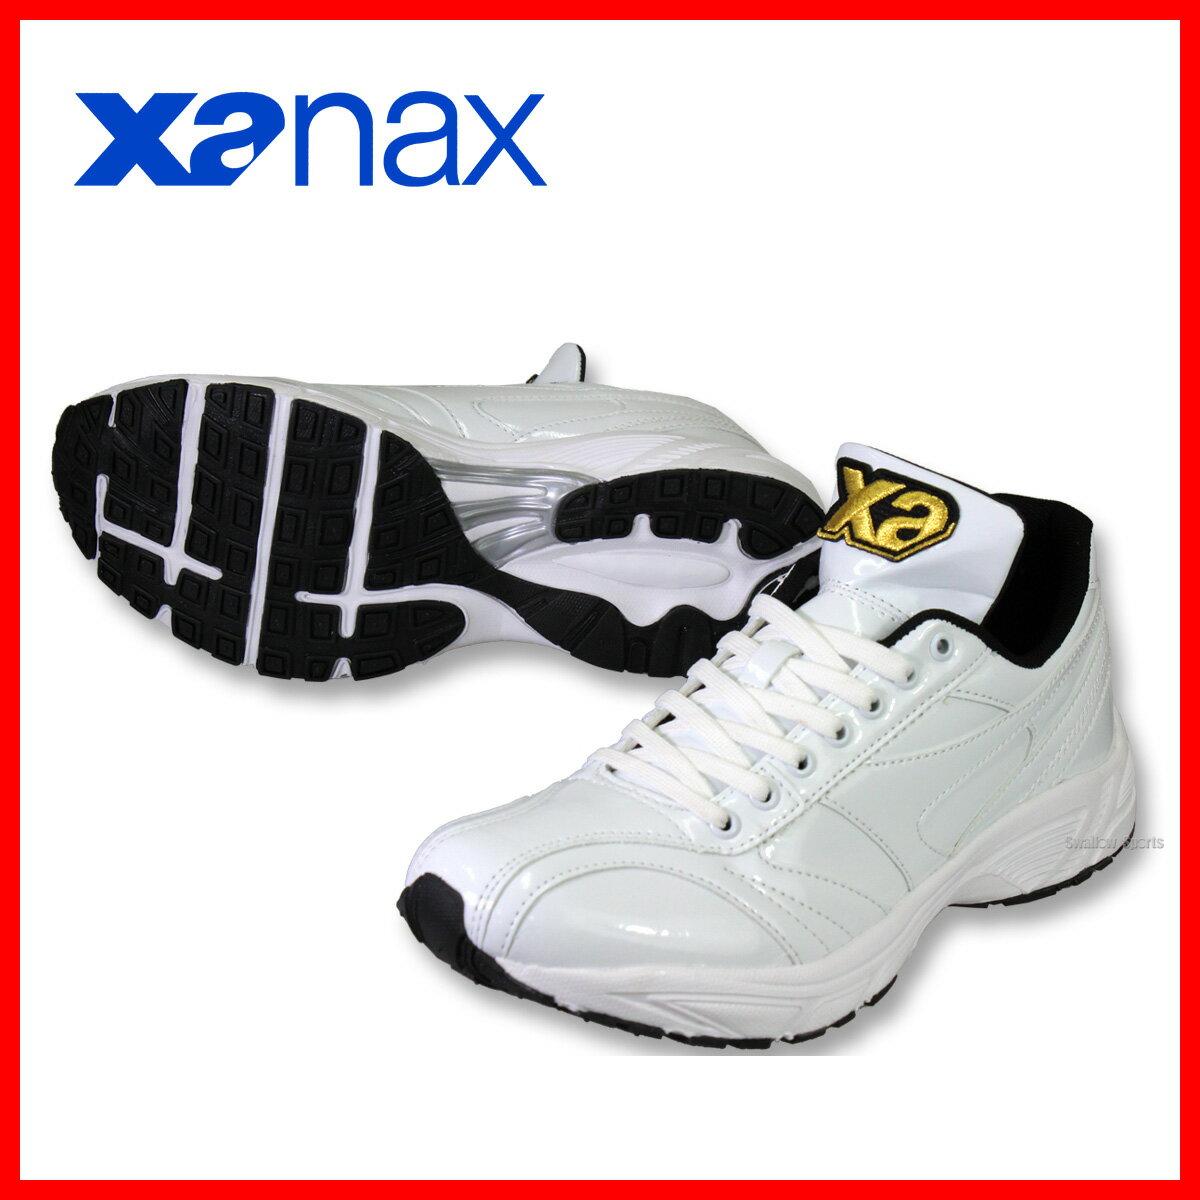 【あす楽対応】 ザナックス トレーニング シューズ ザナパワー BS-525TL 野球 トレーニングシューズ スポーツ 野球 靴 野球用品 スワロースポーツ